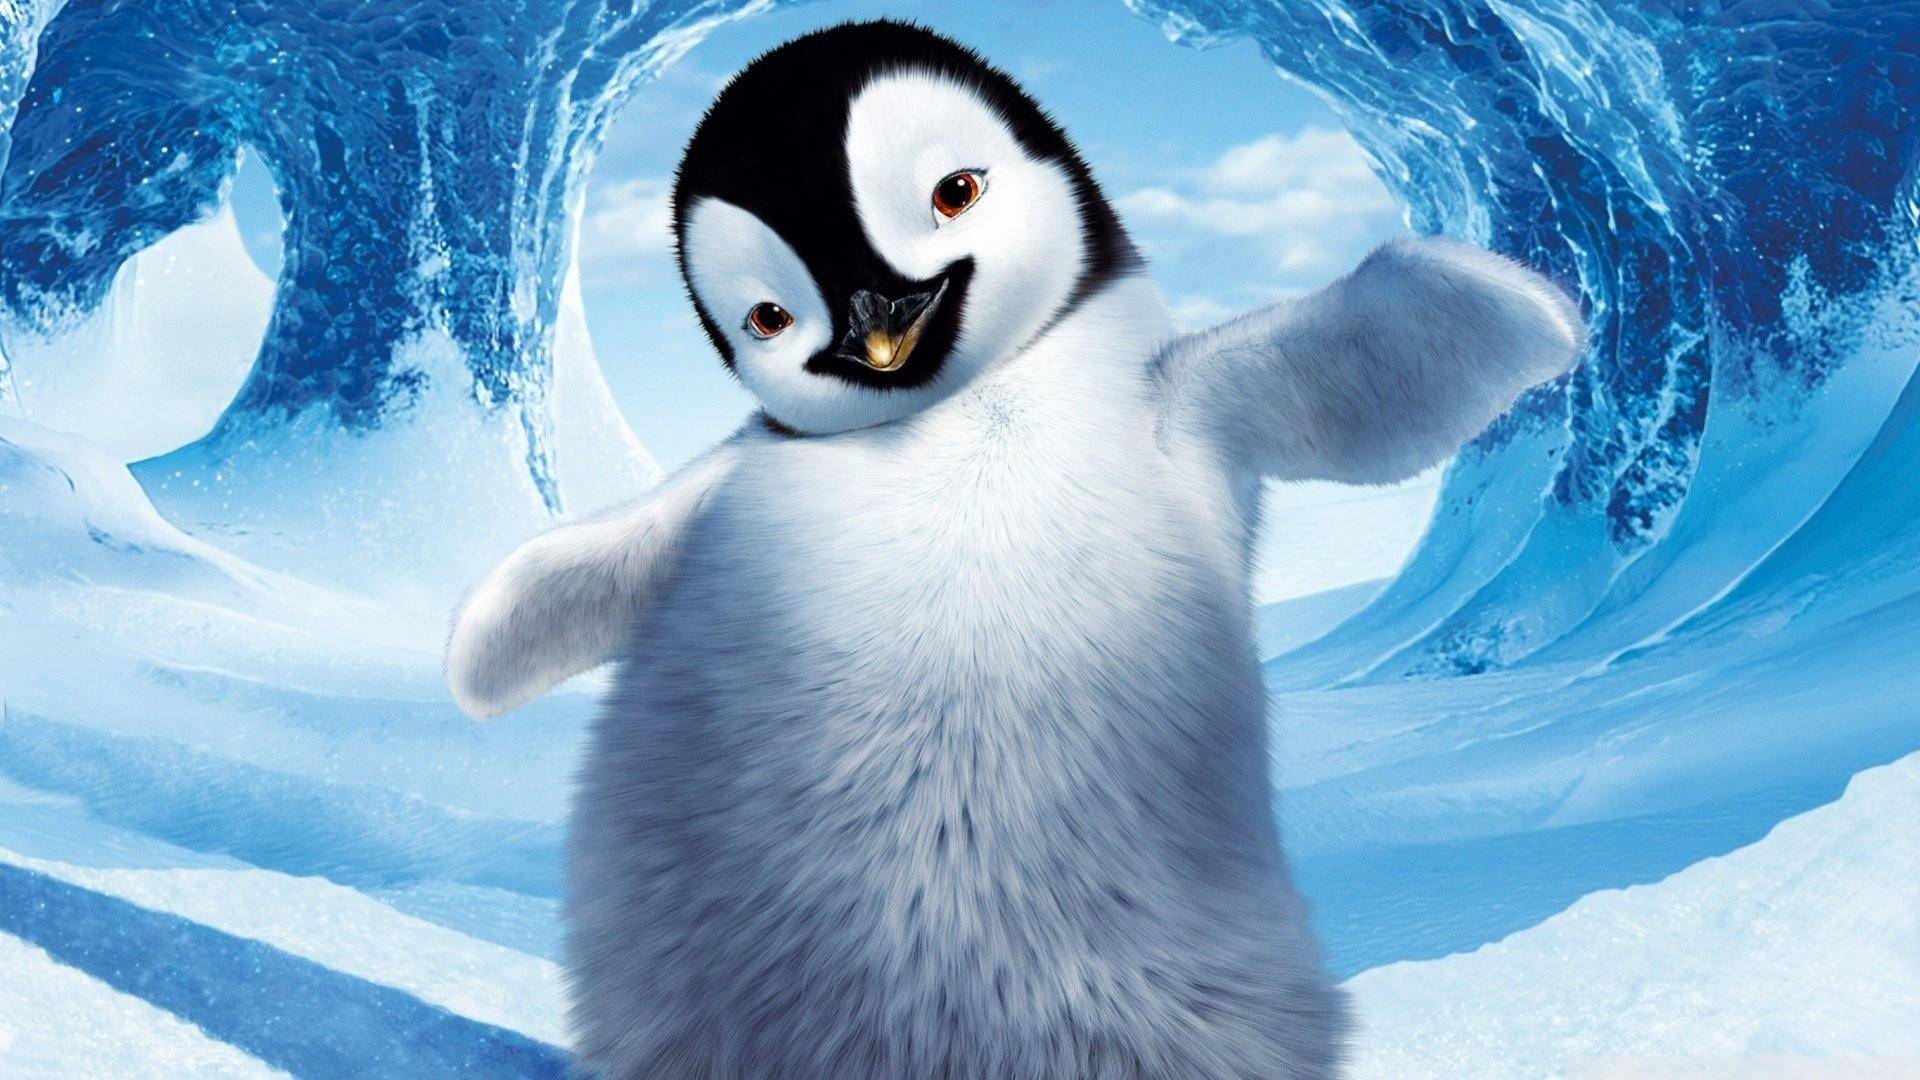 SMI Penguin Wallpapers Penguin Pictures in Best Resolutions | HD Wallpapers  | Pinterest | Penguin images, Hd wallpaper and Wallpaper